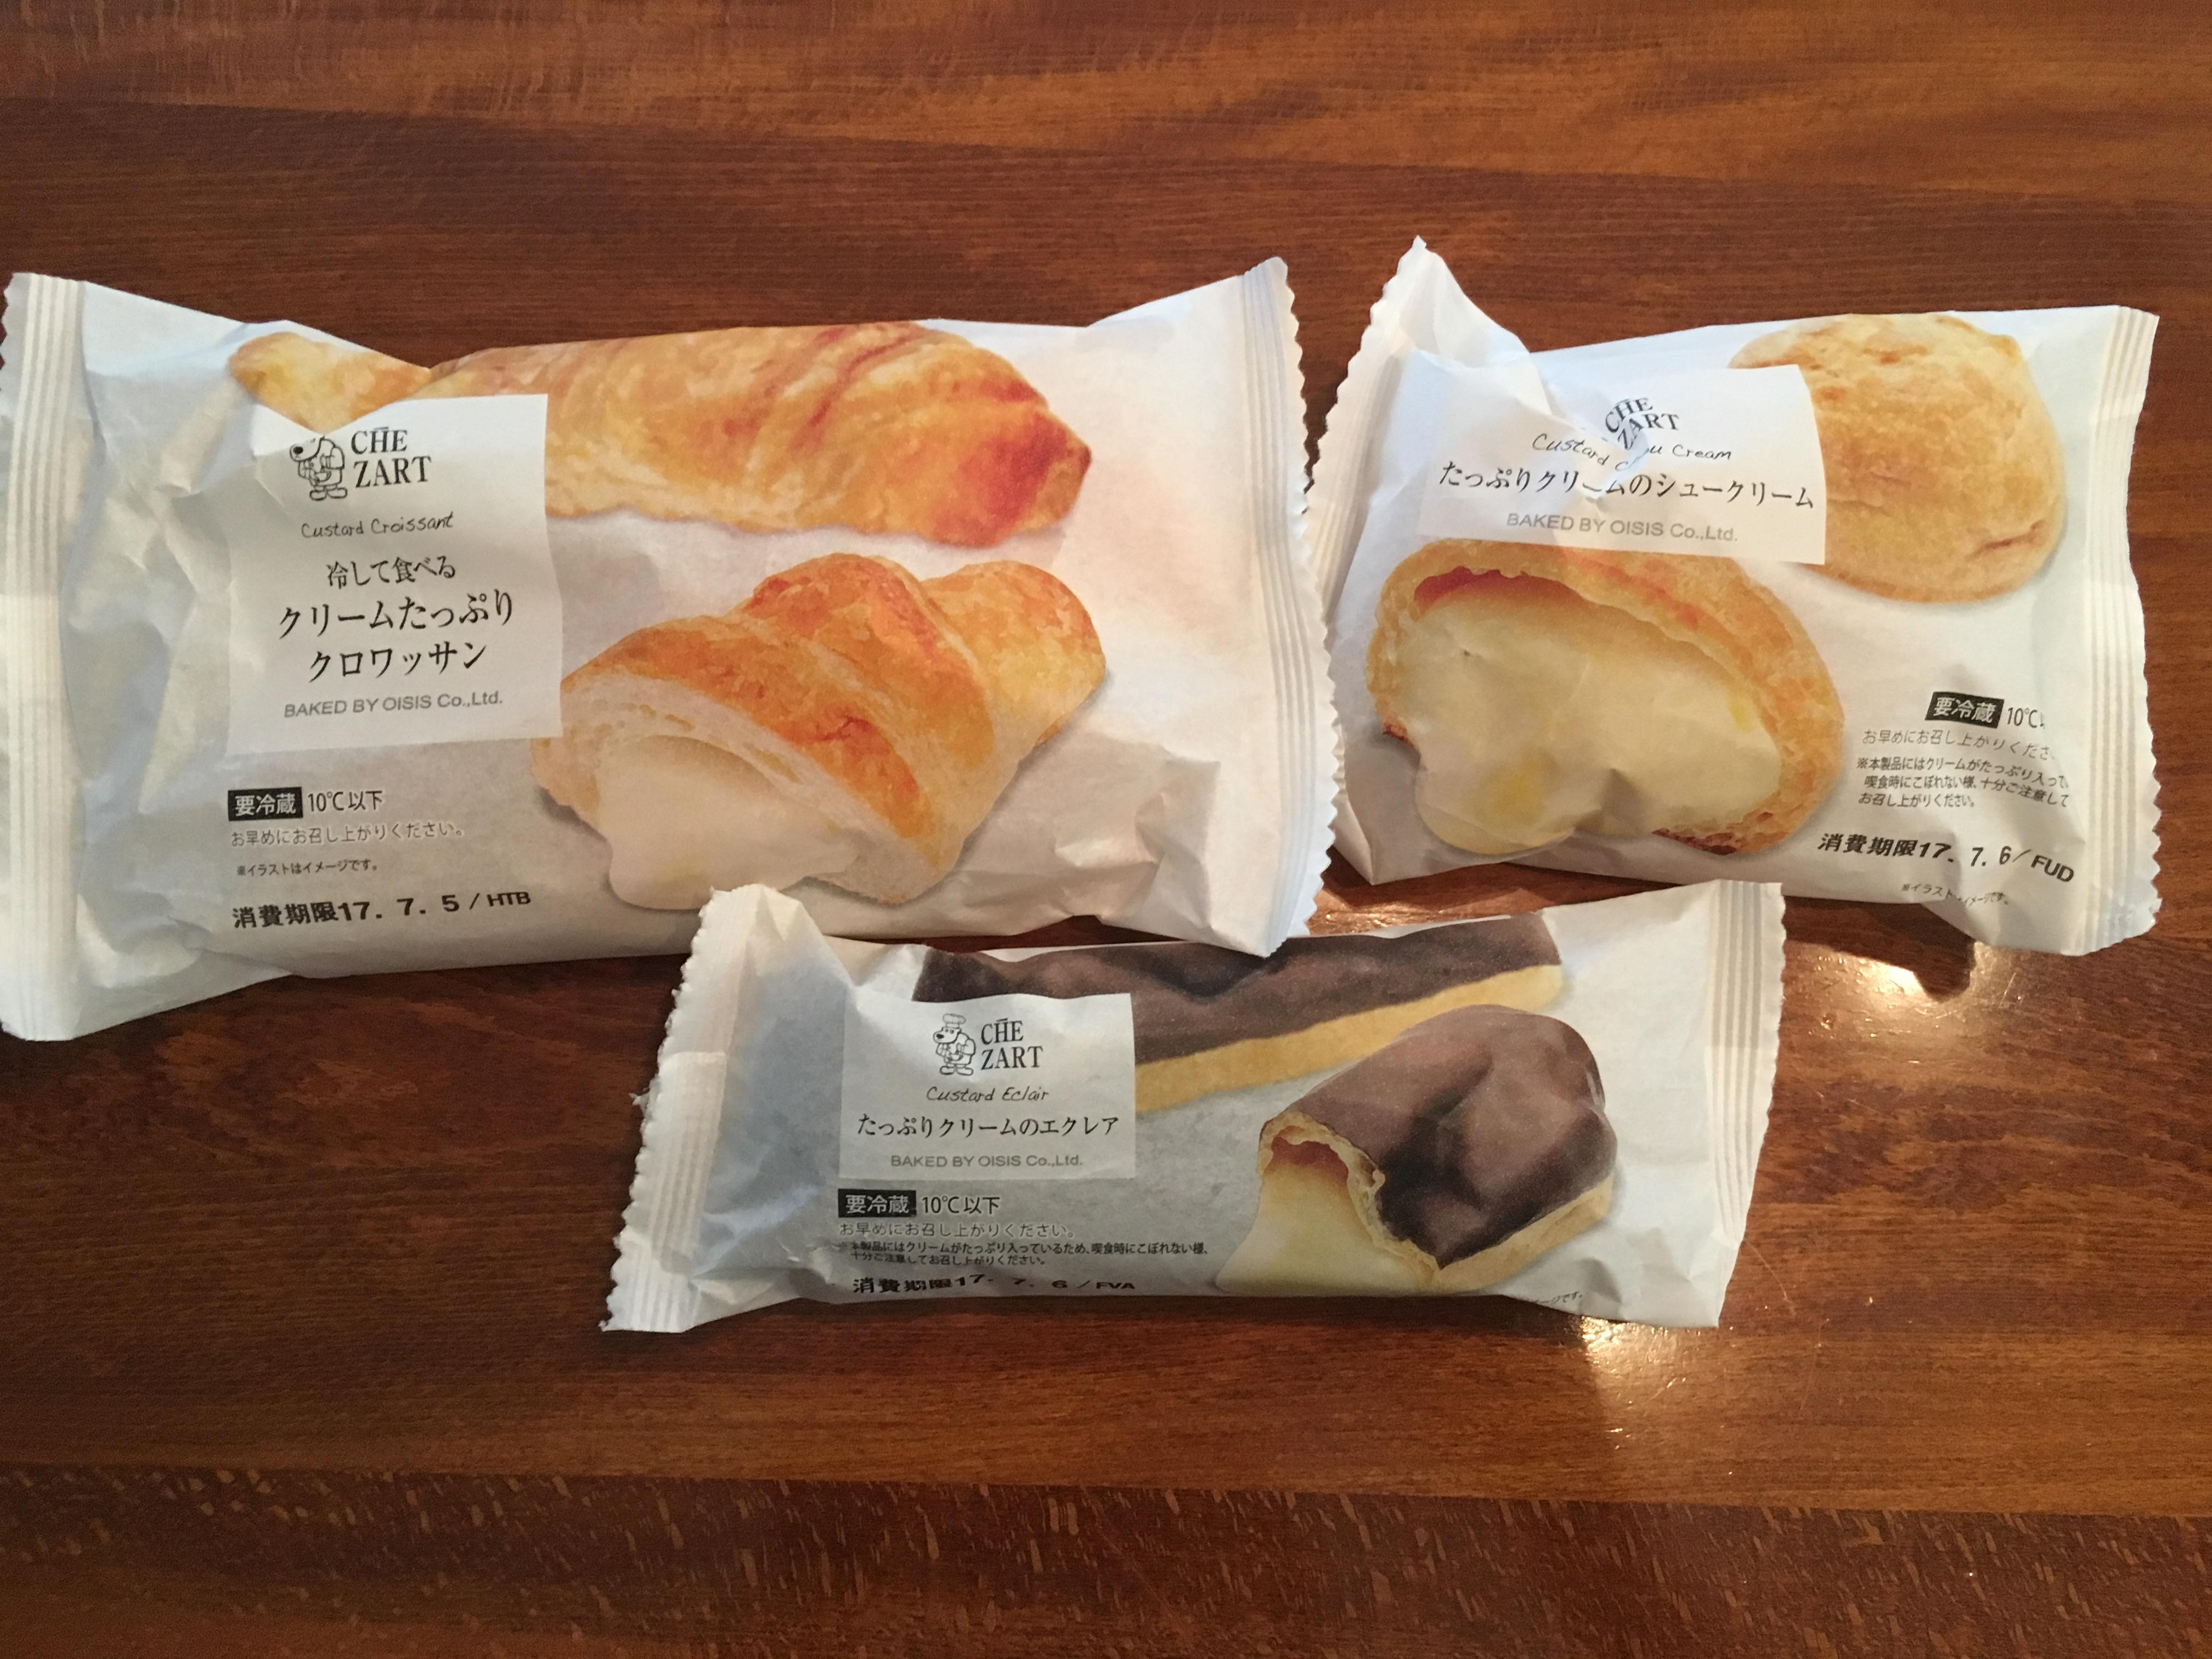 オイシスのたっぷりクリームシリーズ3種類を食べ比べ!どれが美味しいか検証!